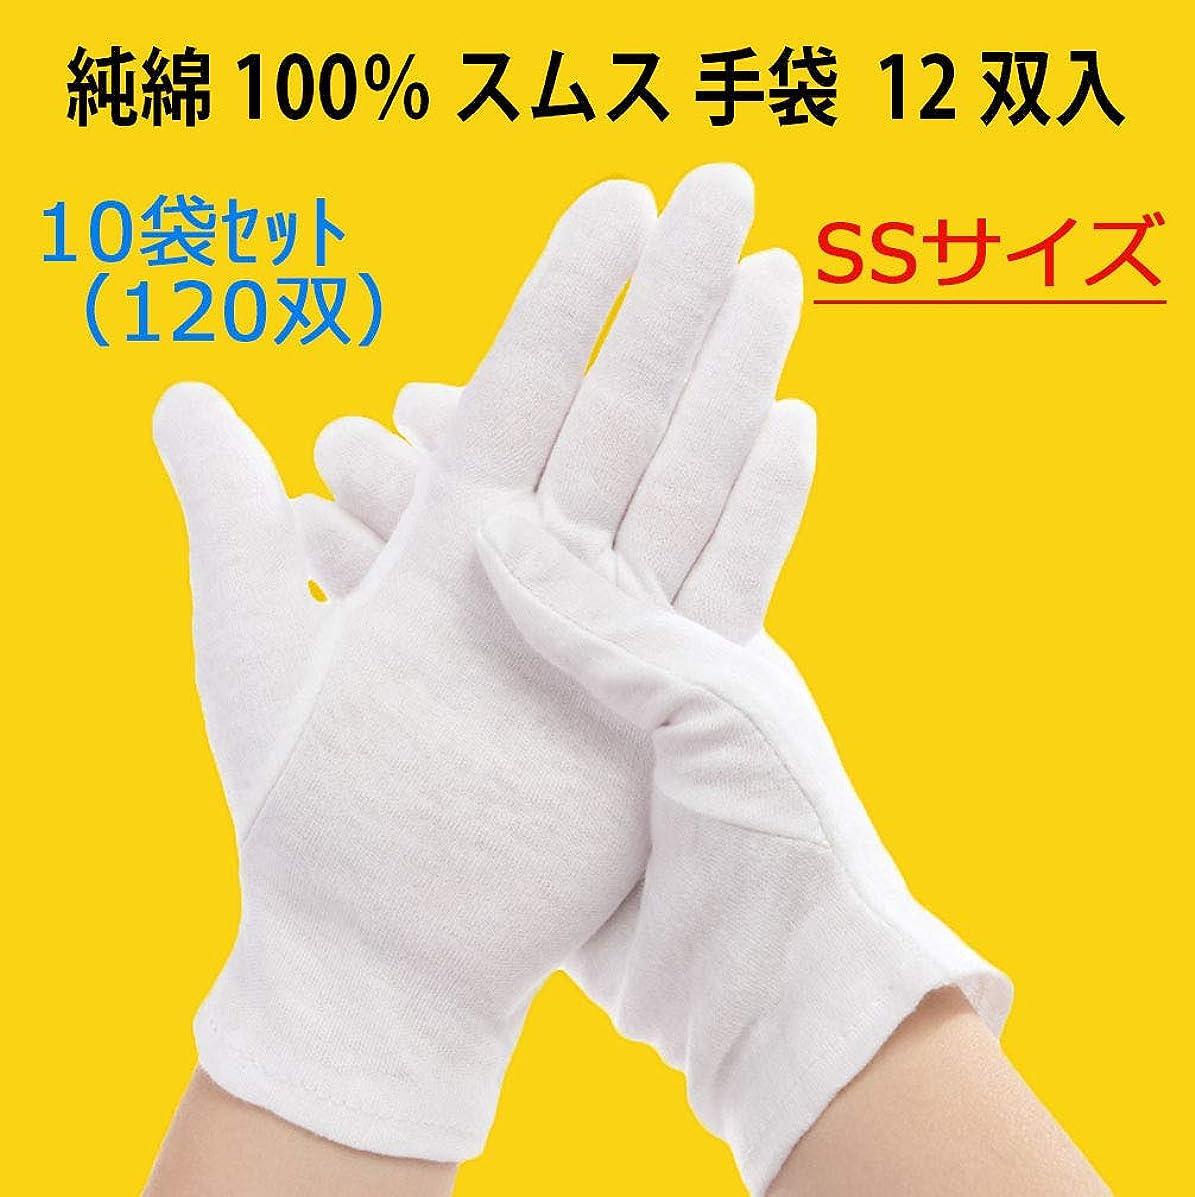 評判のみライオネルグリーンストリート純綿 100% スムス 手袋 SSサイズ 12双×10袋セット